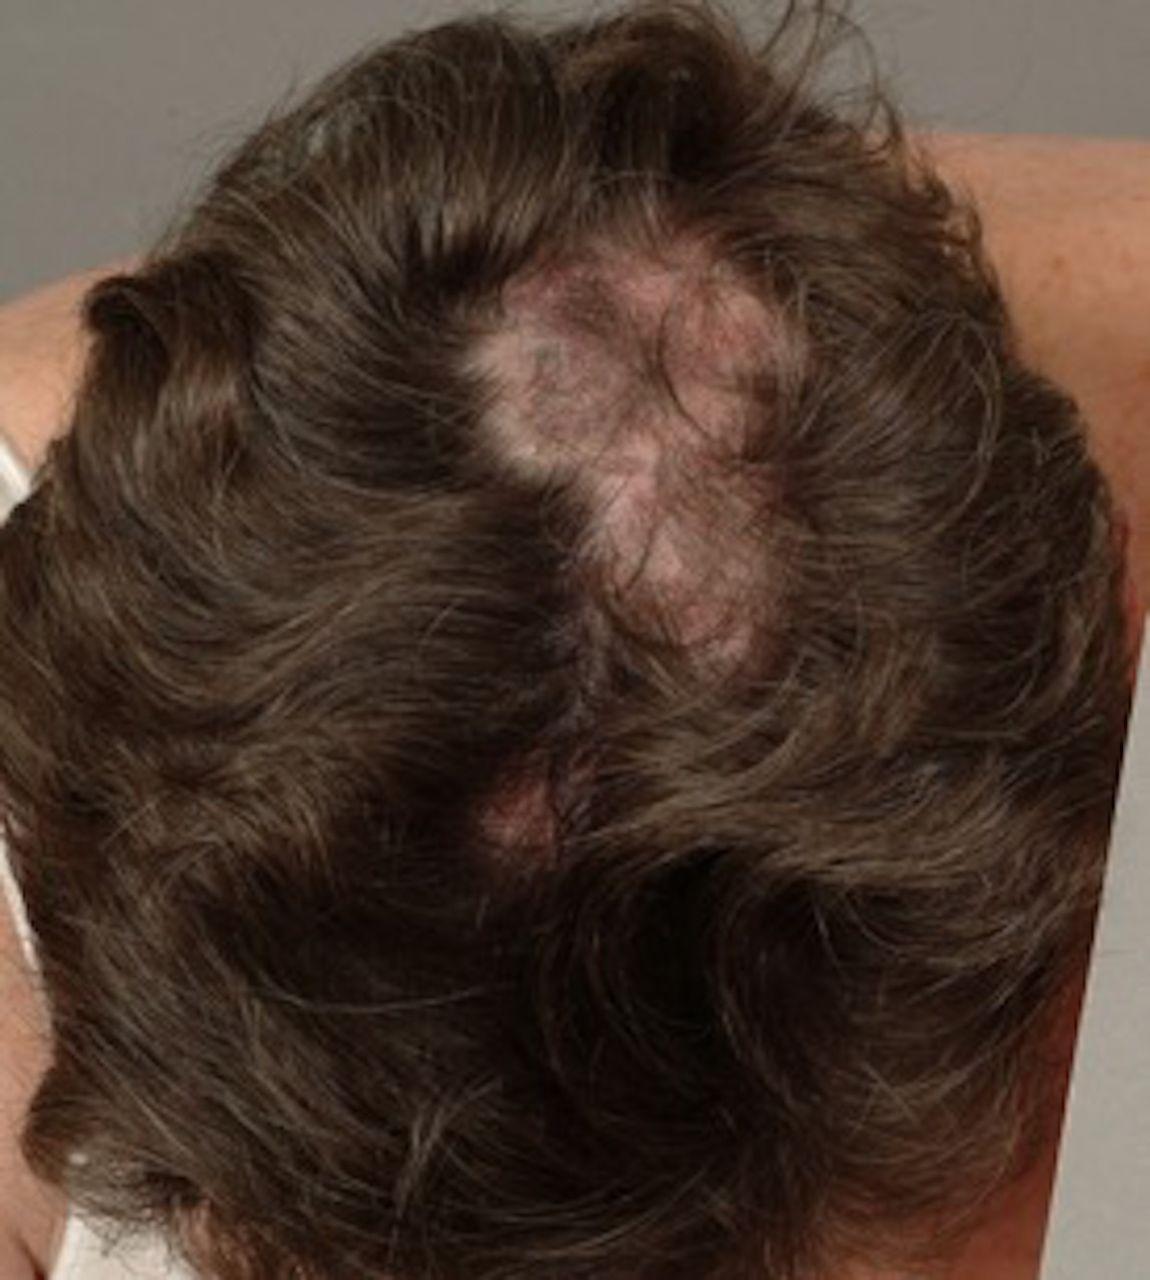 Alopecias in lupus erythematosus | Lupus Science & Medicine